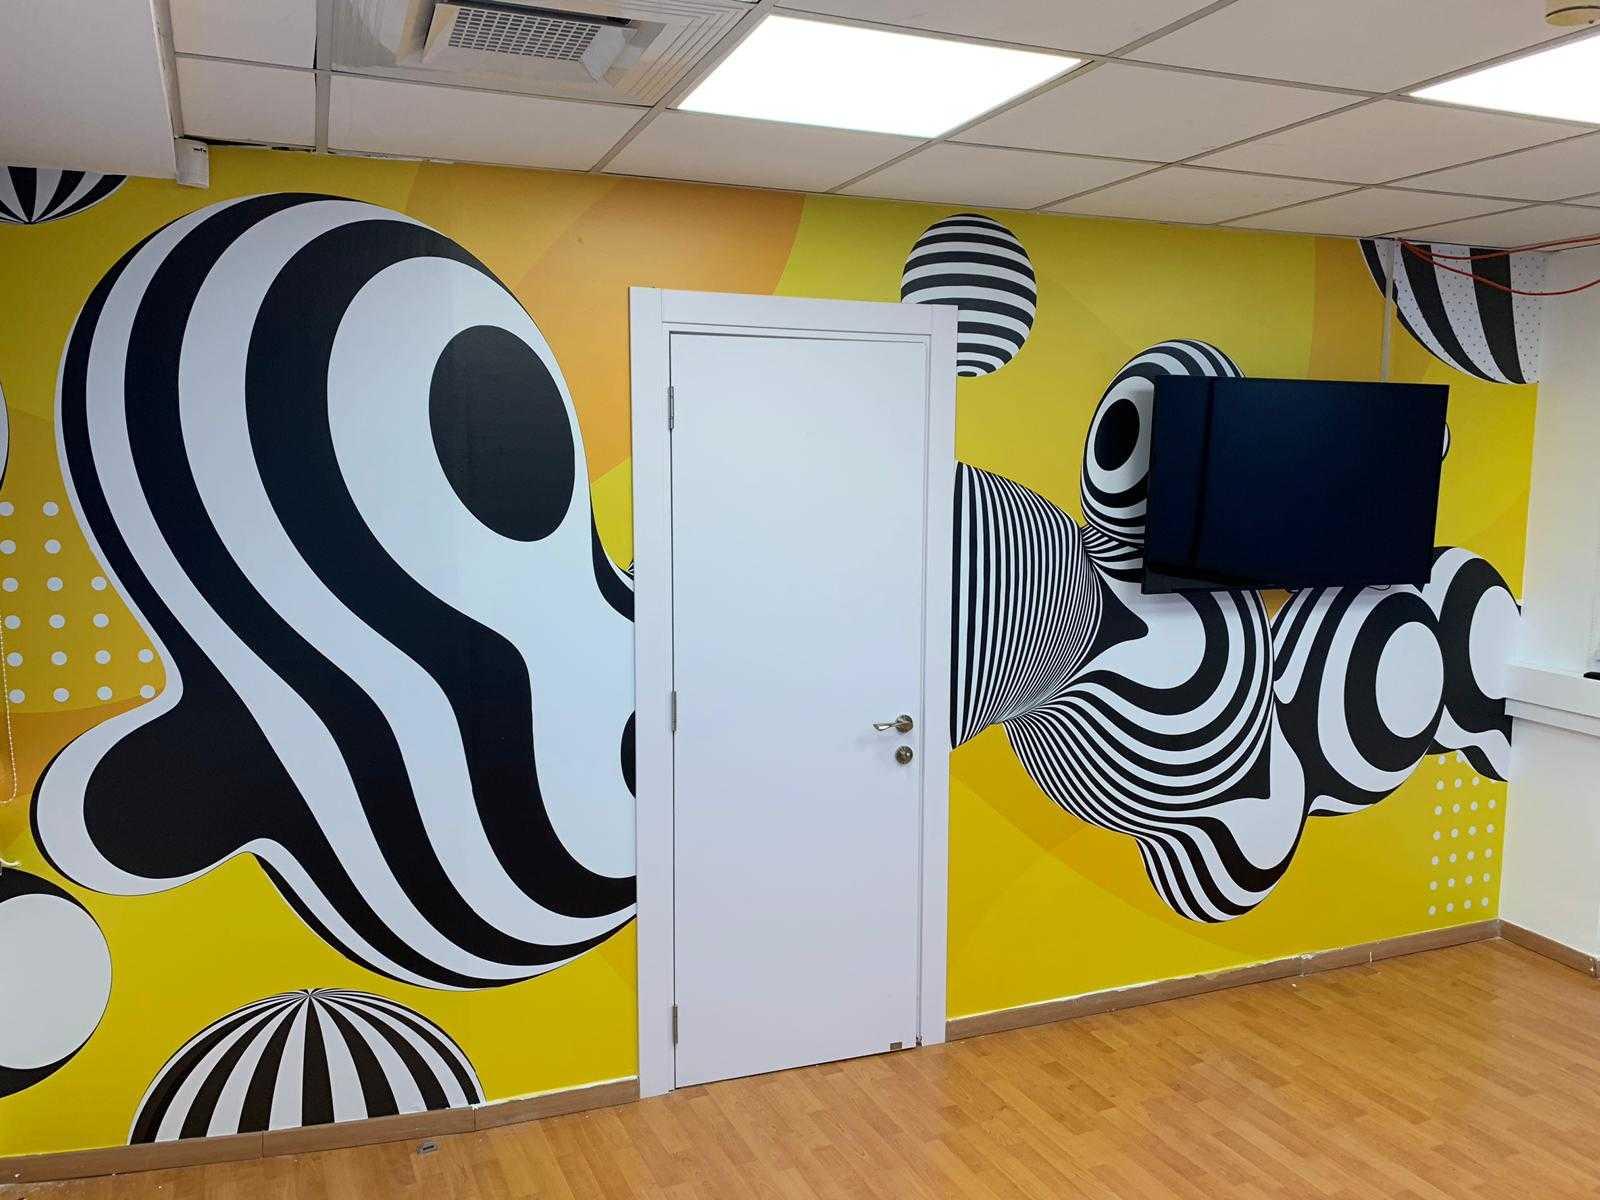 עולים קומה ומתרחבים: קומה שלישית למשרדי גיל גרופ 4